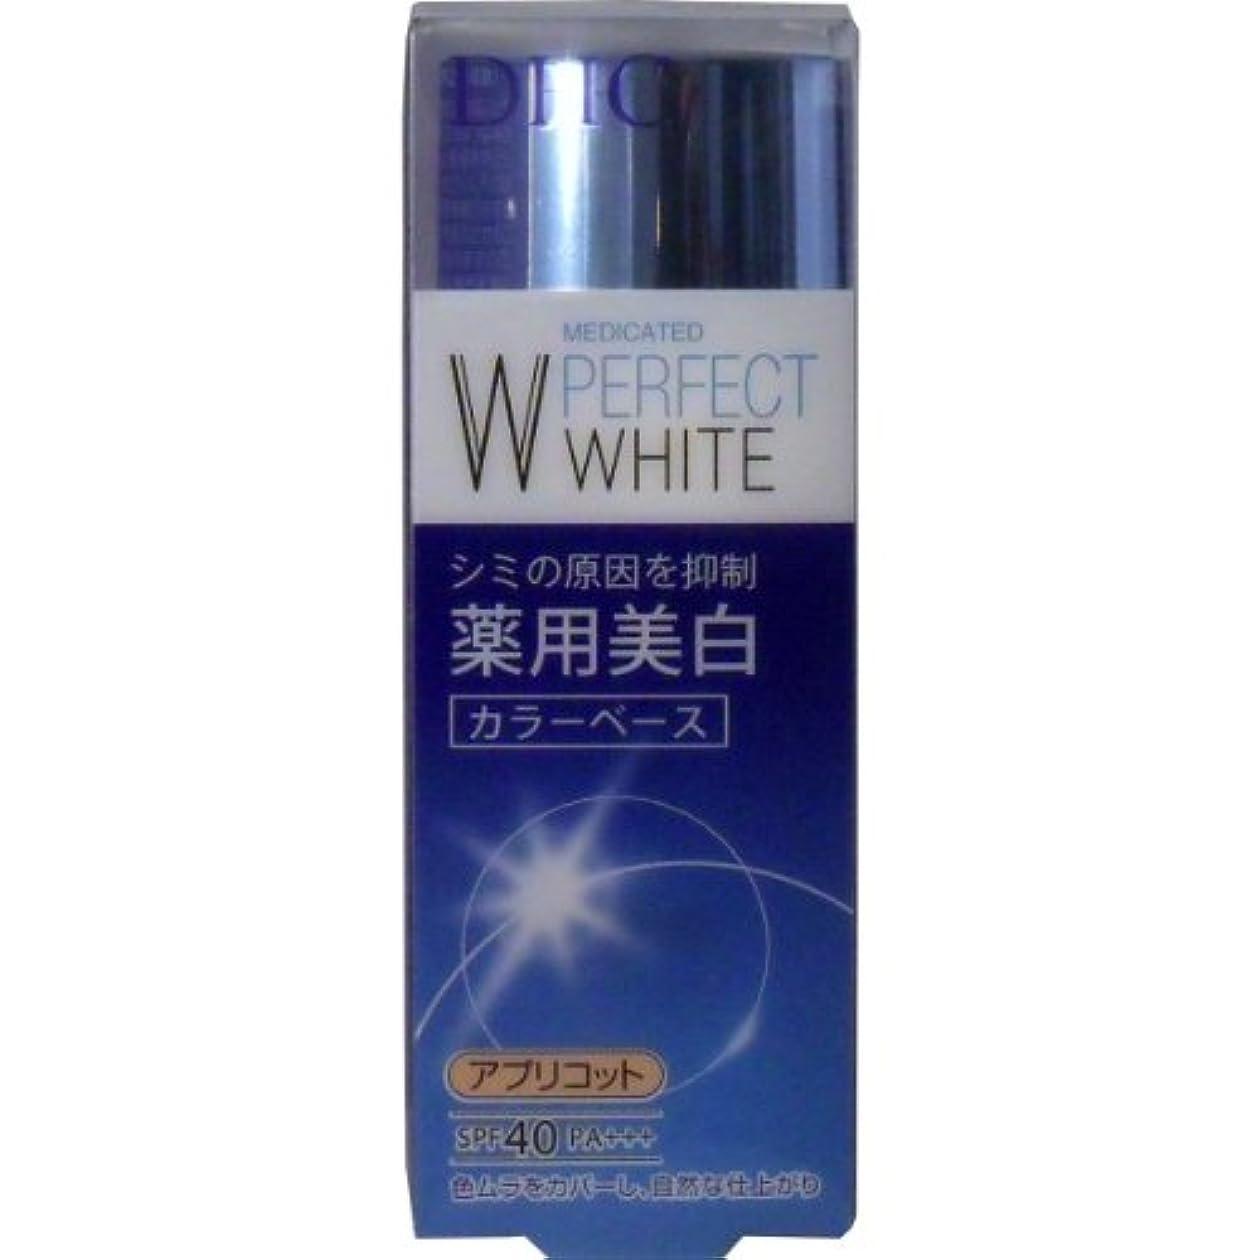 精査するダルセットモノグラフDHC 薬用美白パーフェクトホワイト カラーベース アプリコット 30g (商品内訳:単品1個)